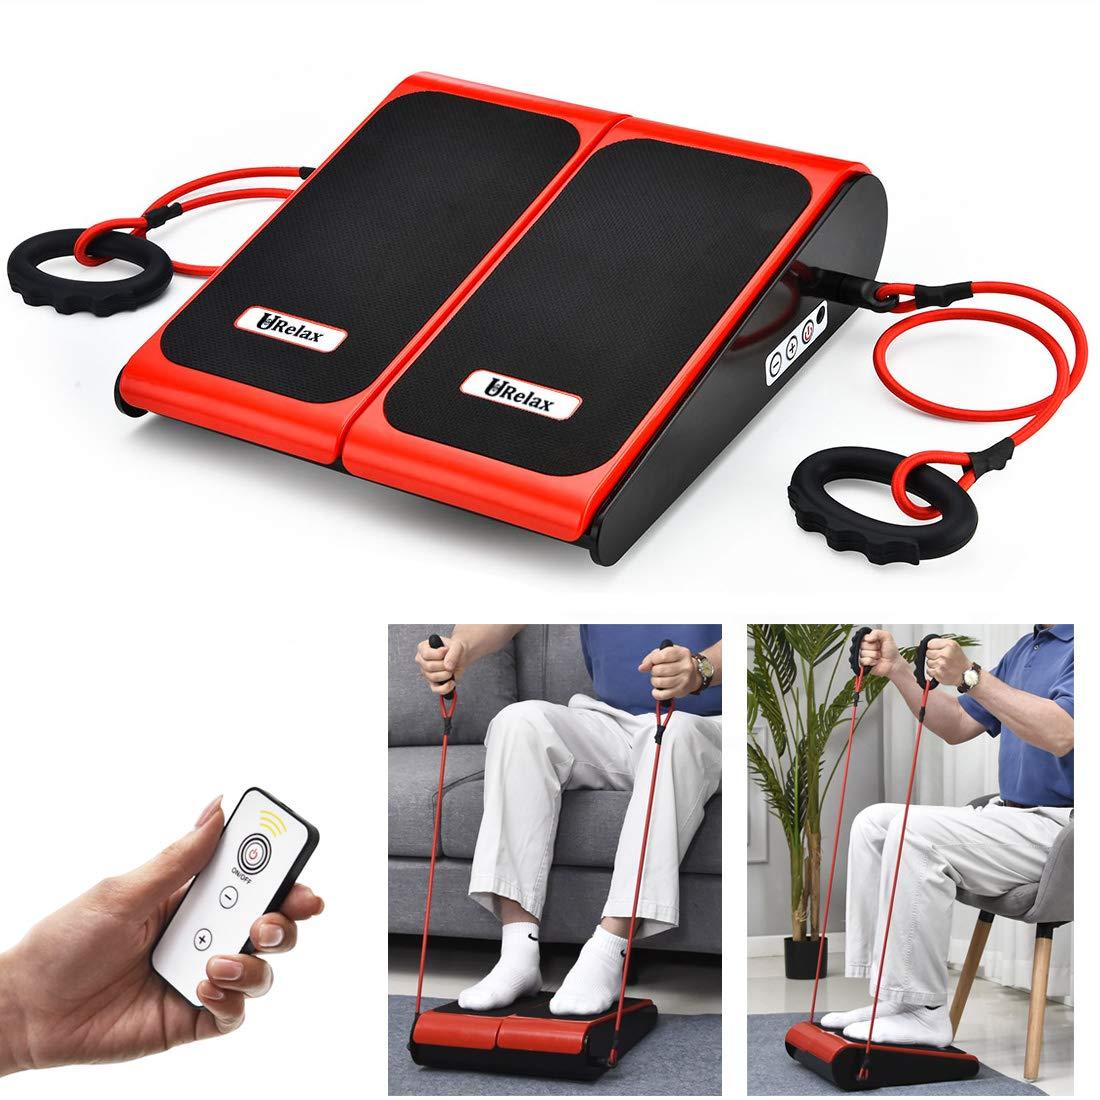 URelax Massager Vibration Platform Equipment